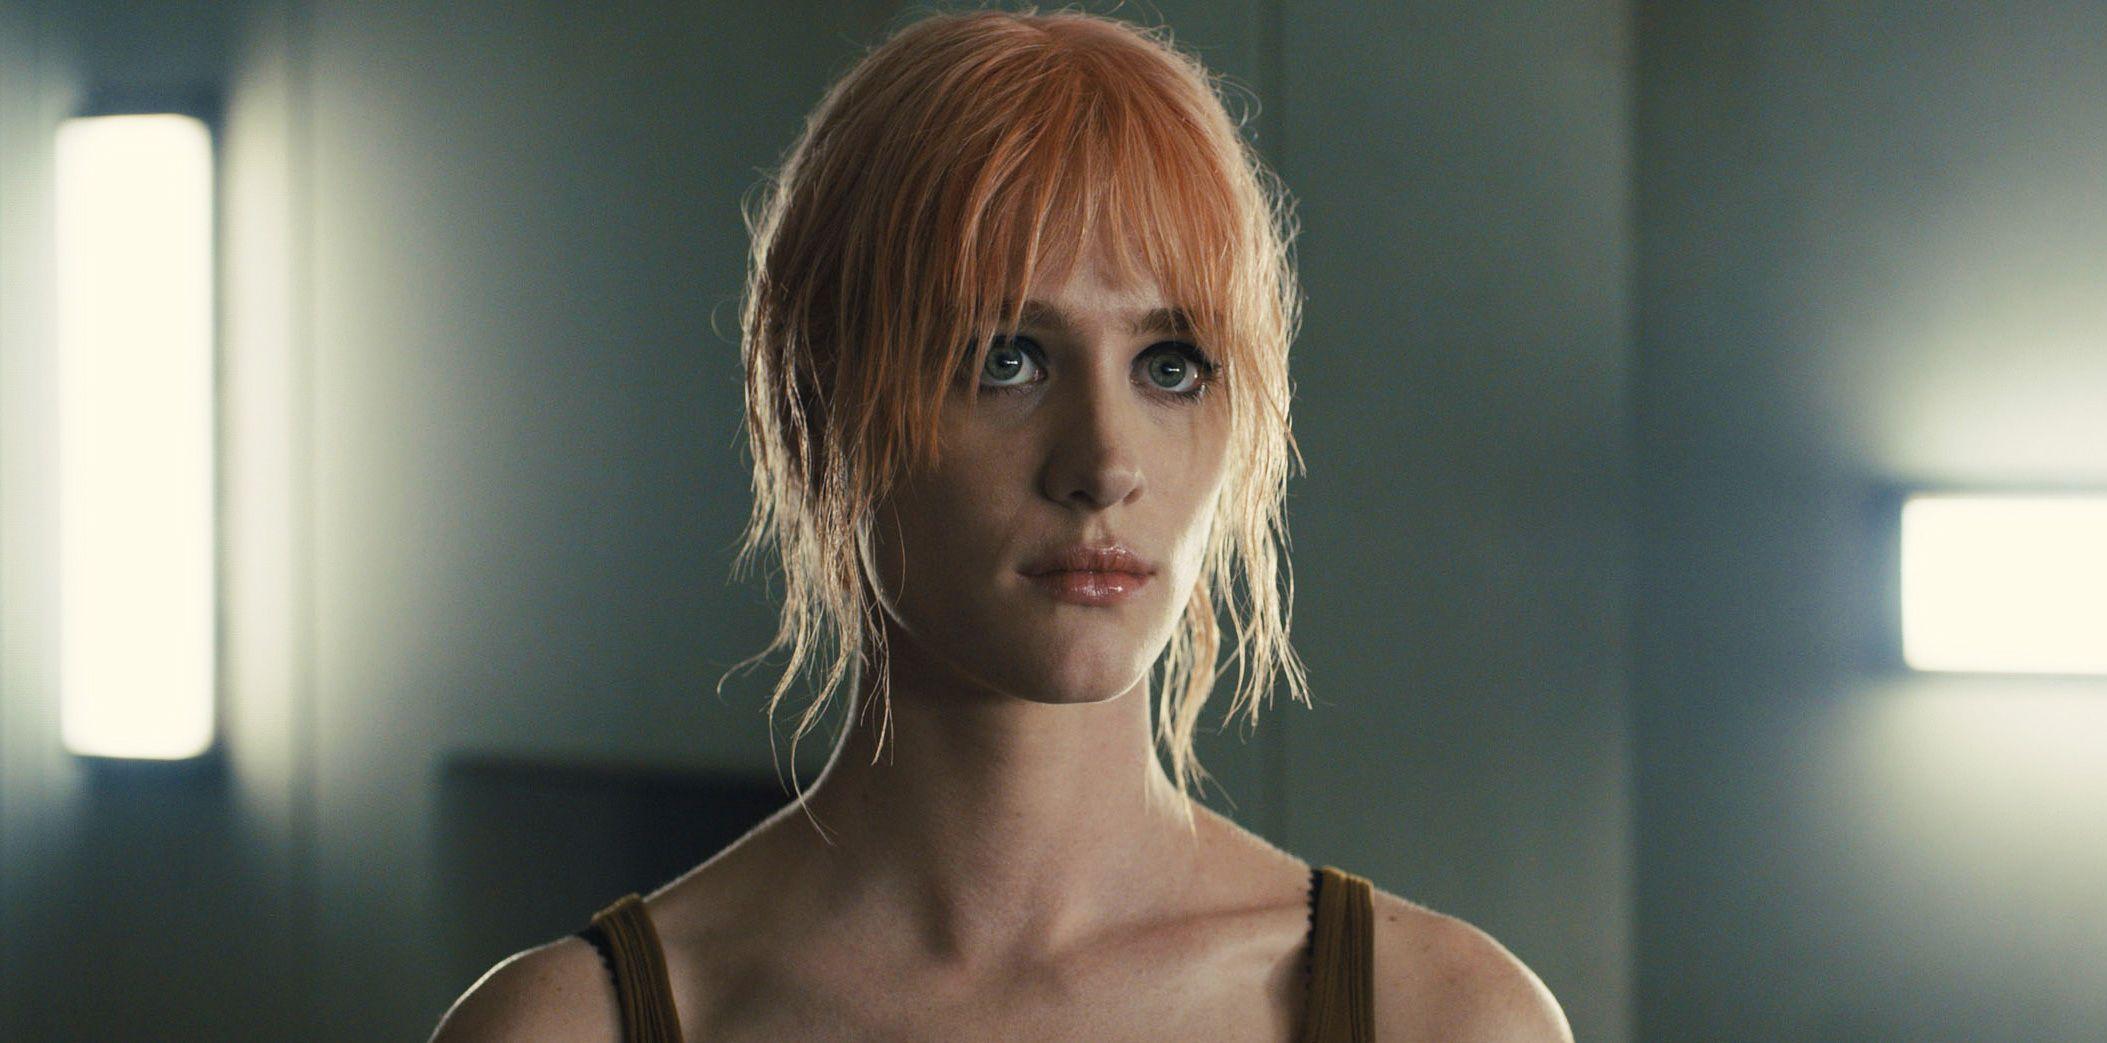 Blade Runner 2049 Hologram Girl Wallpaper Blade Runner 2049 Sex Scene Analyzing Ana De Armas Ryan